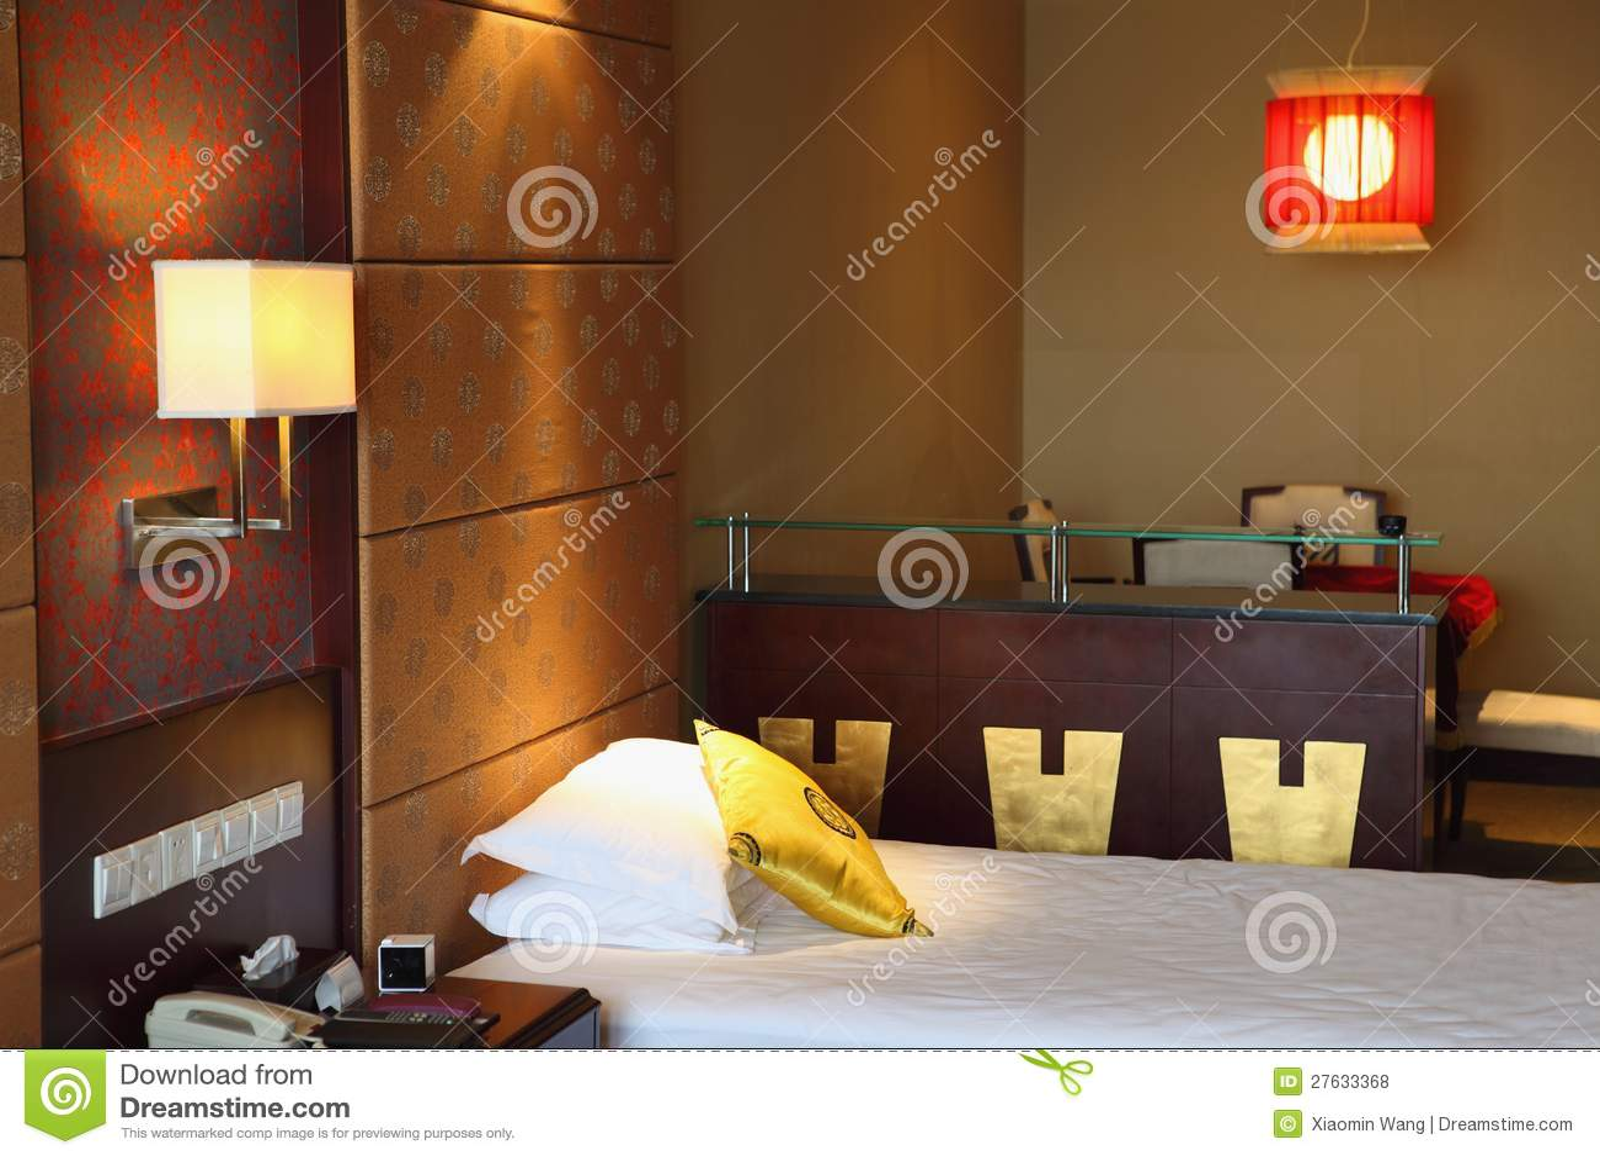 Camere Da Letto Orientale : Camera da letto orientale di stile fotografia stock immagine di